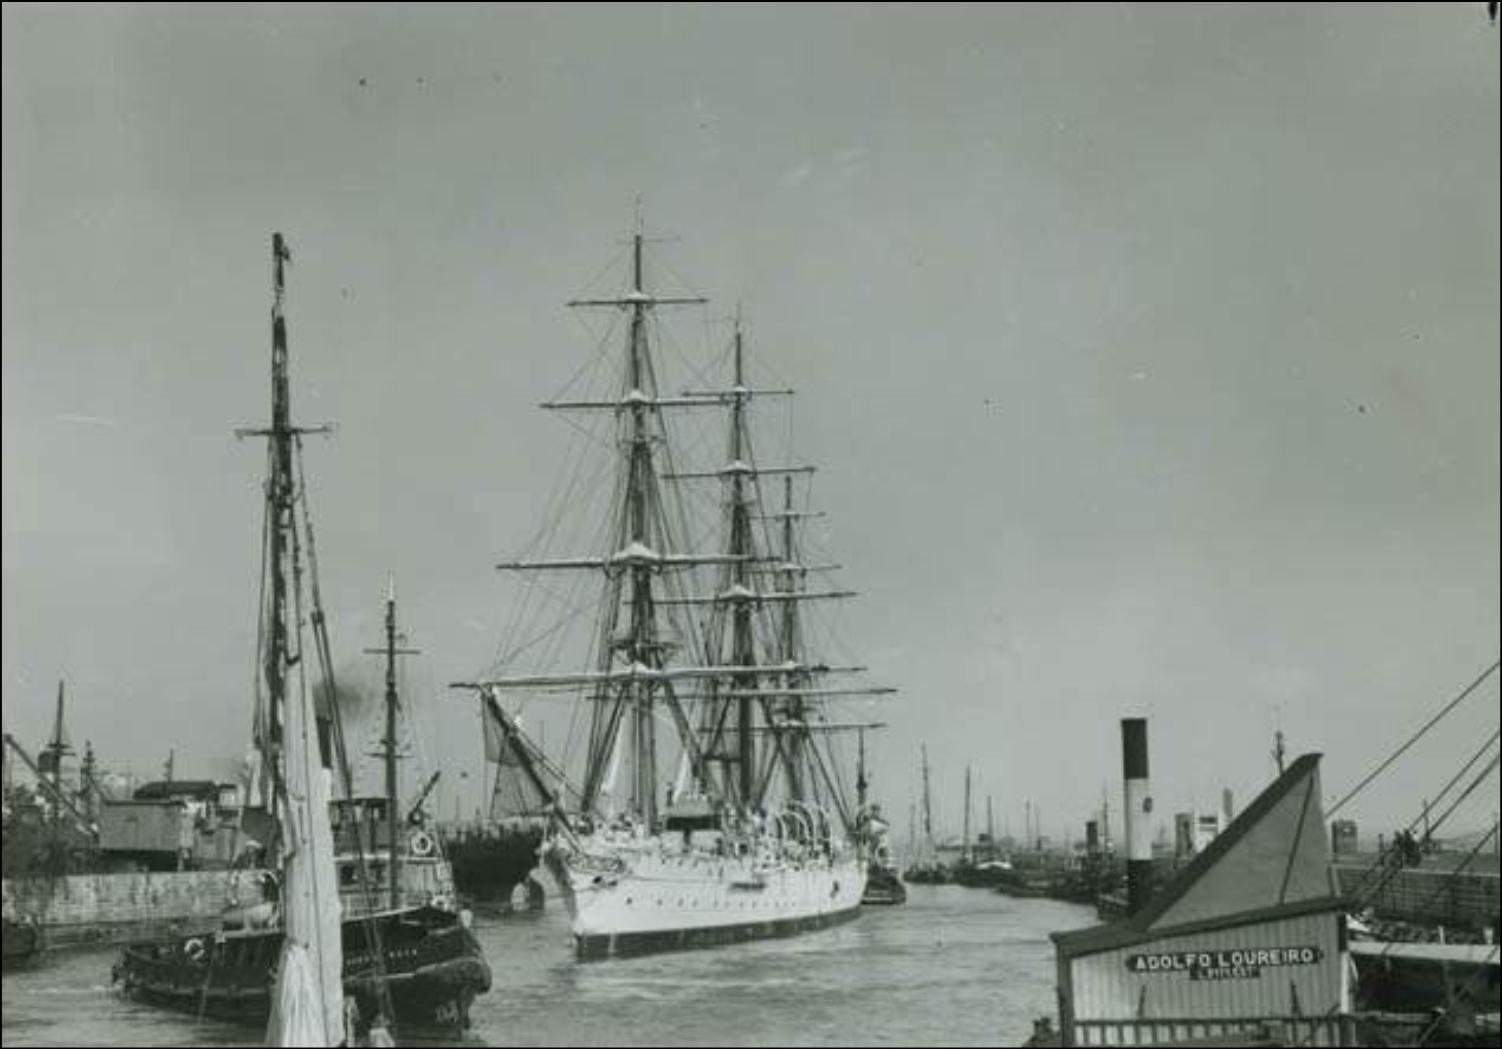 Lisbon, 1890